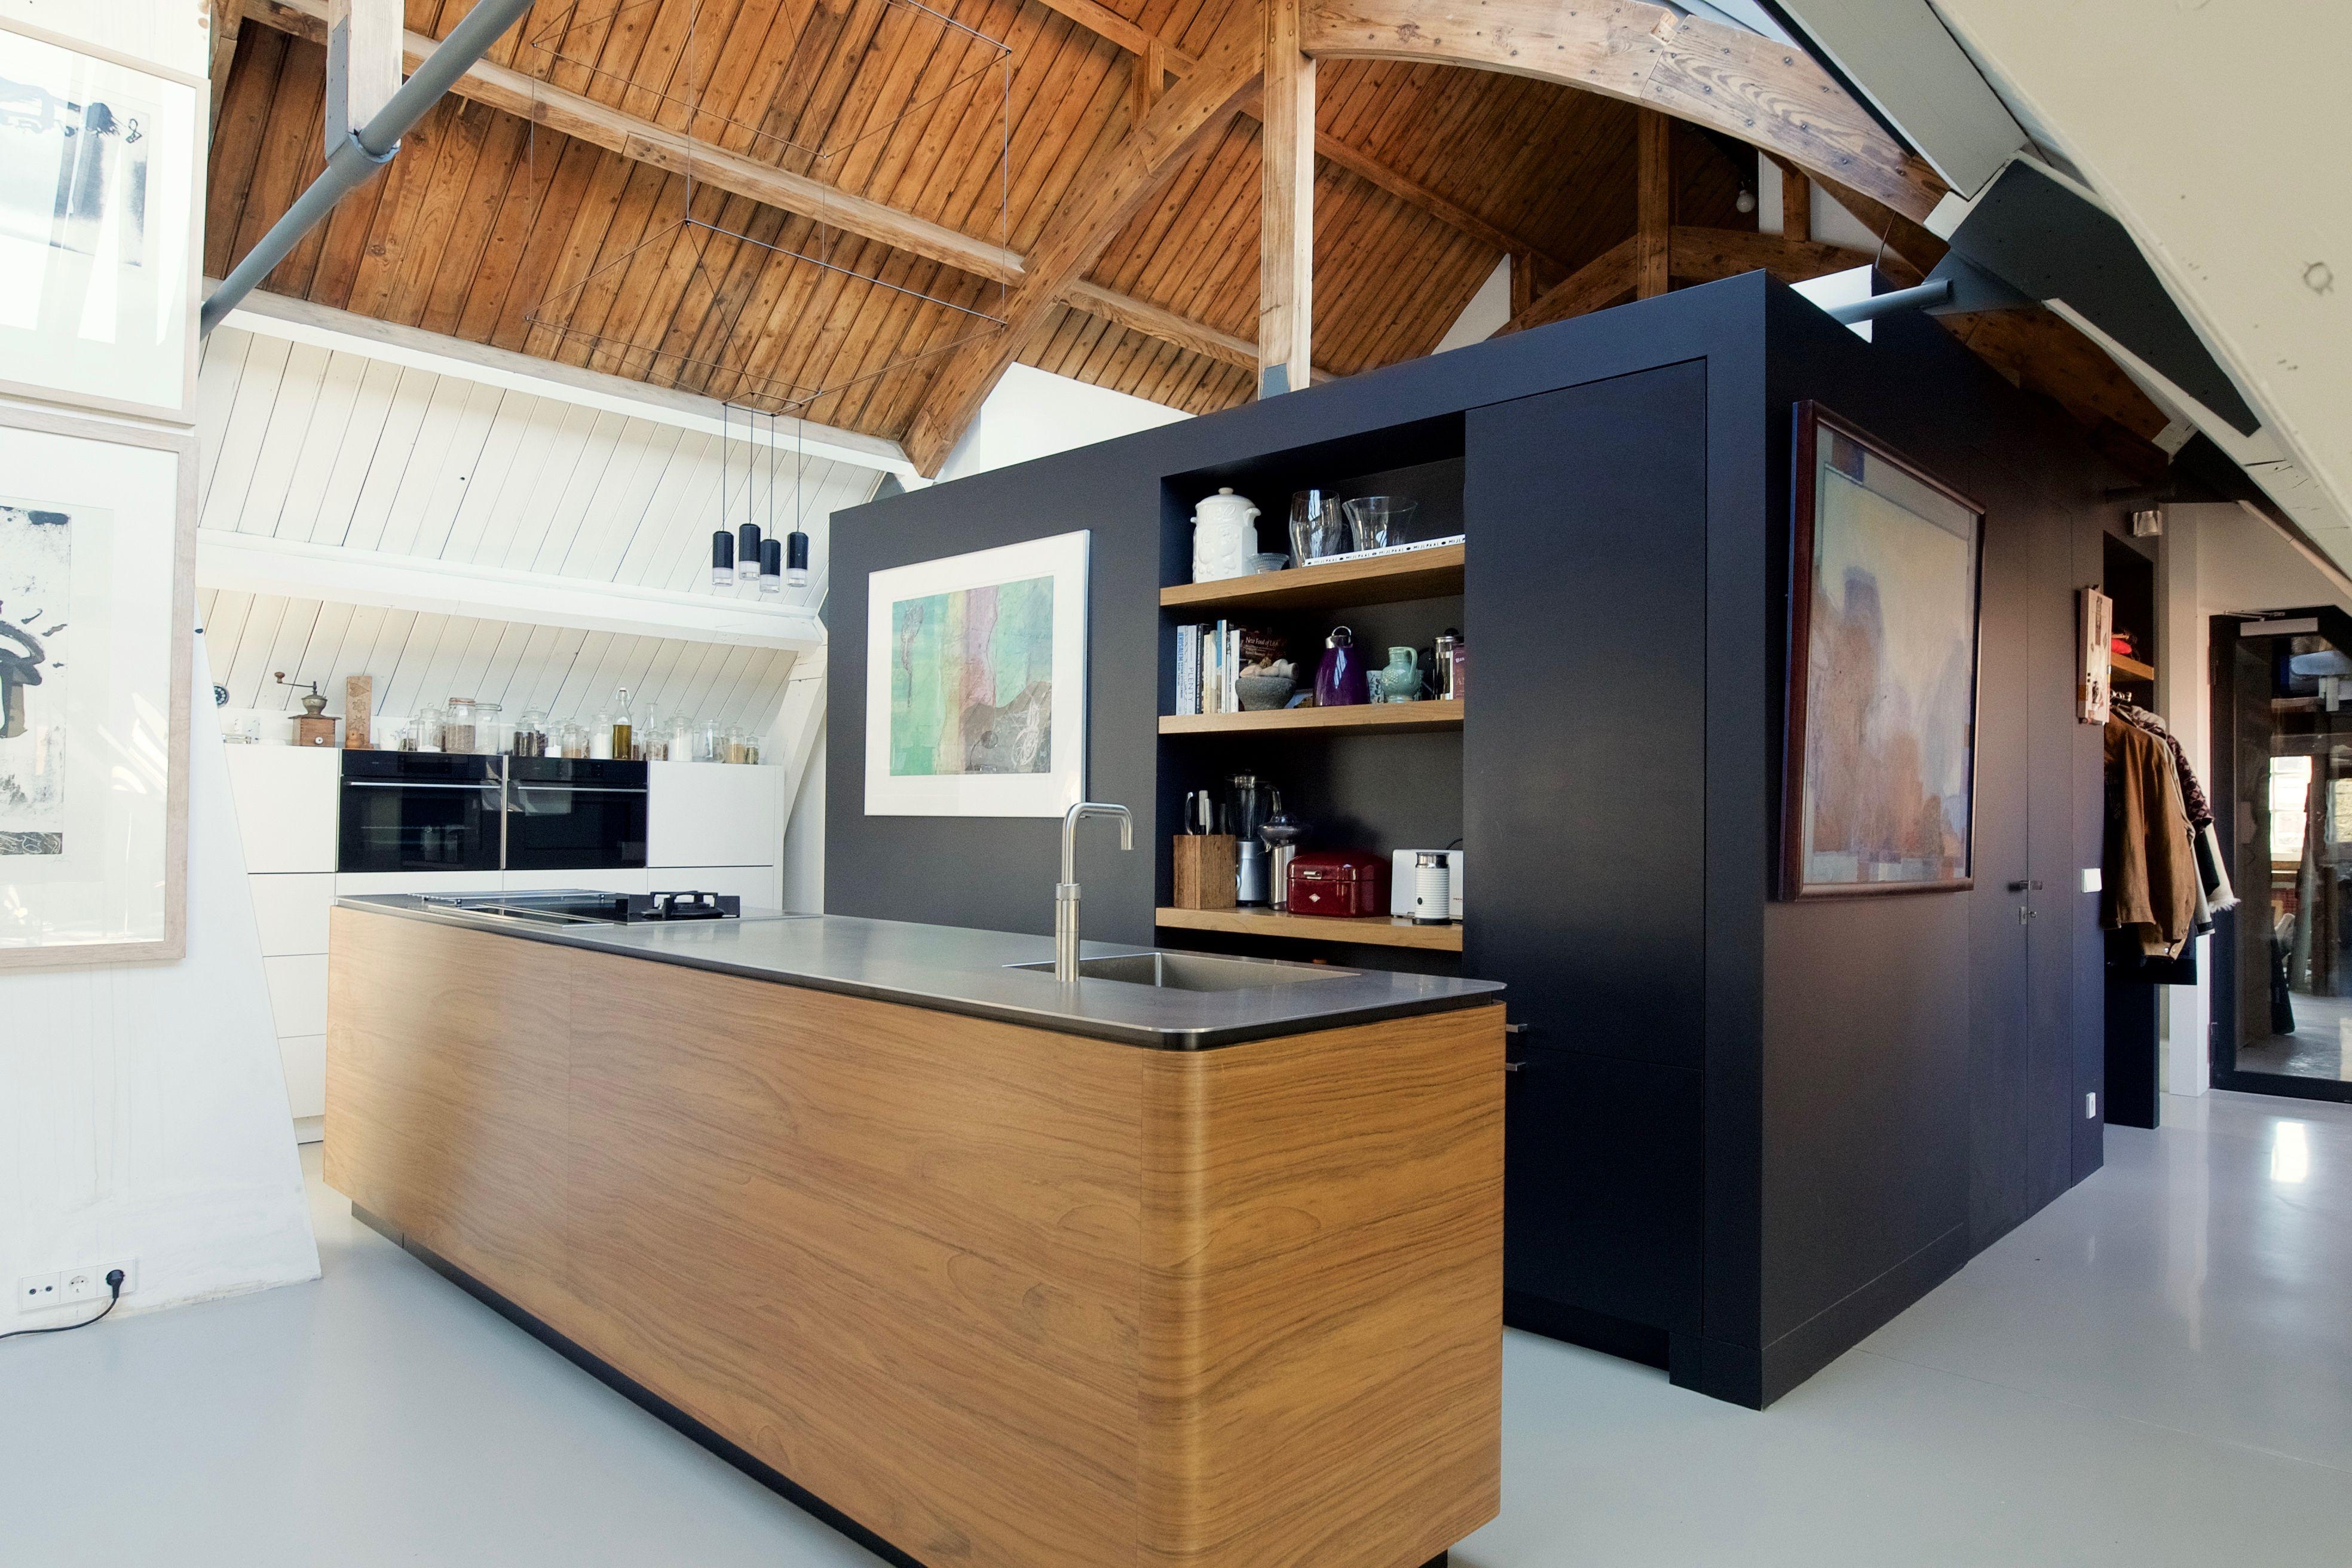 Afzuigkap Op Maat : Keuken op maat van doorlopend fineer op multiplex massief rvs van